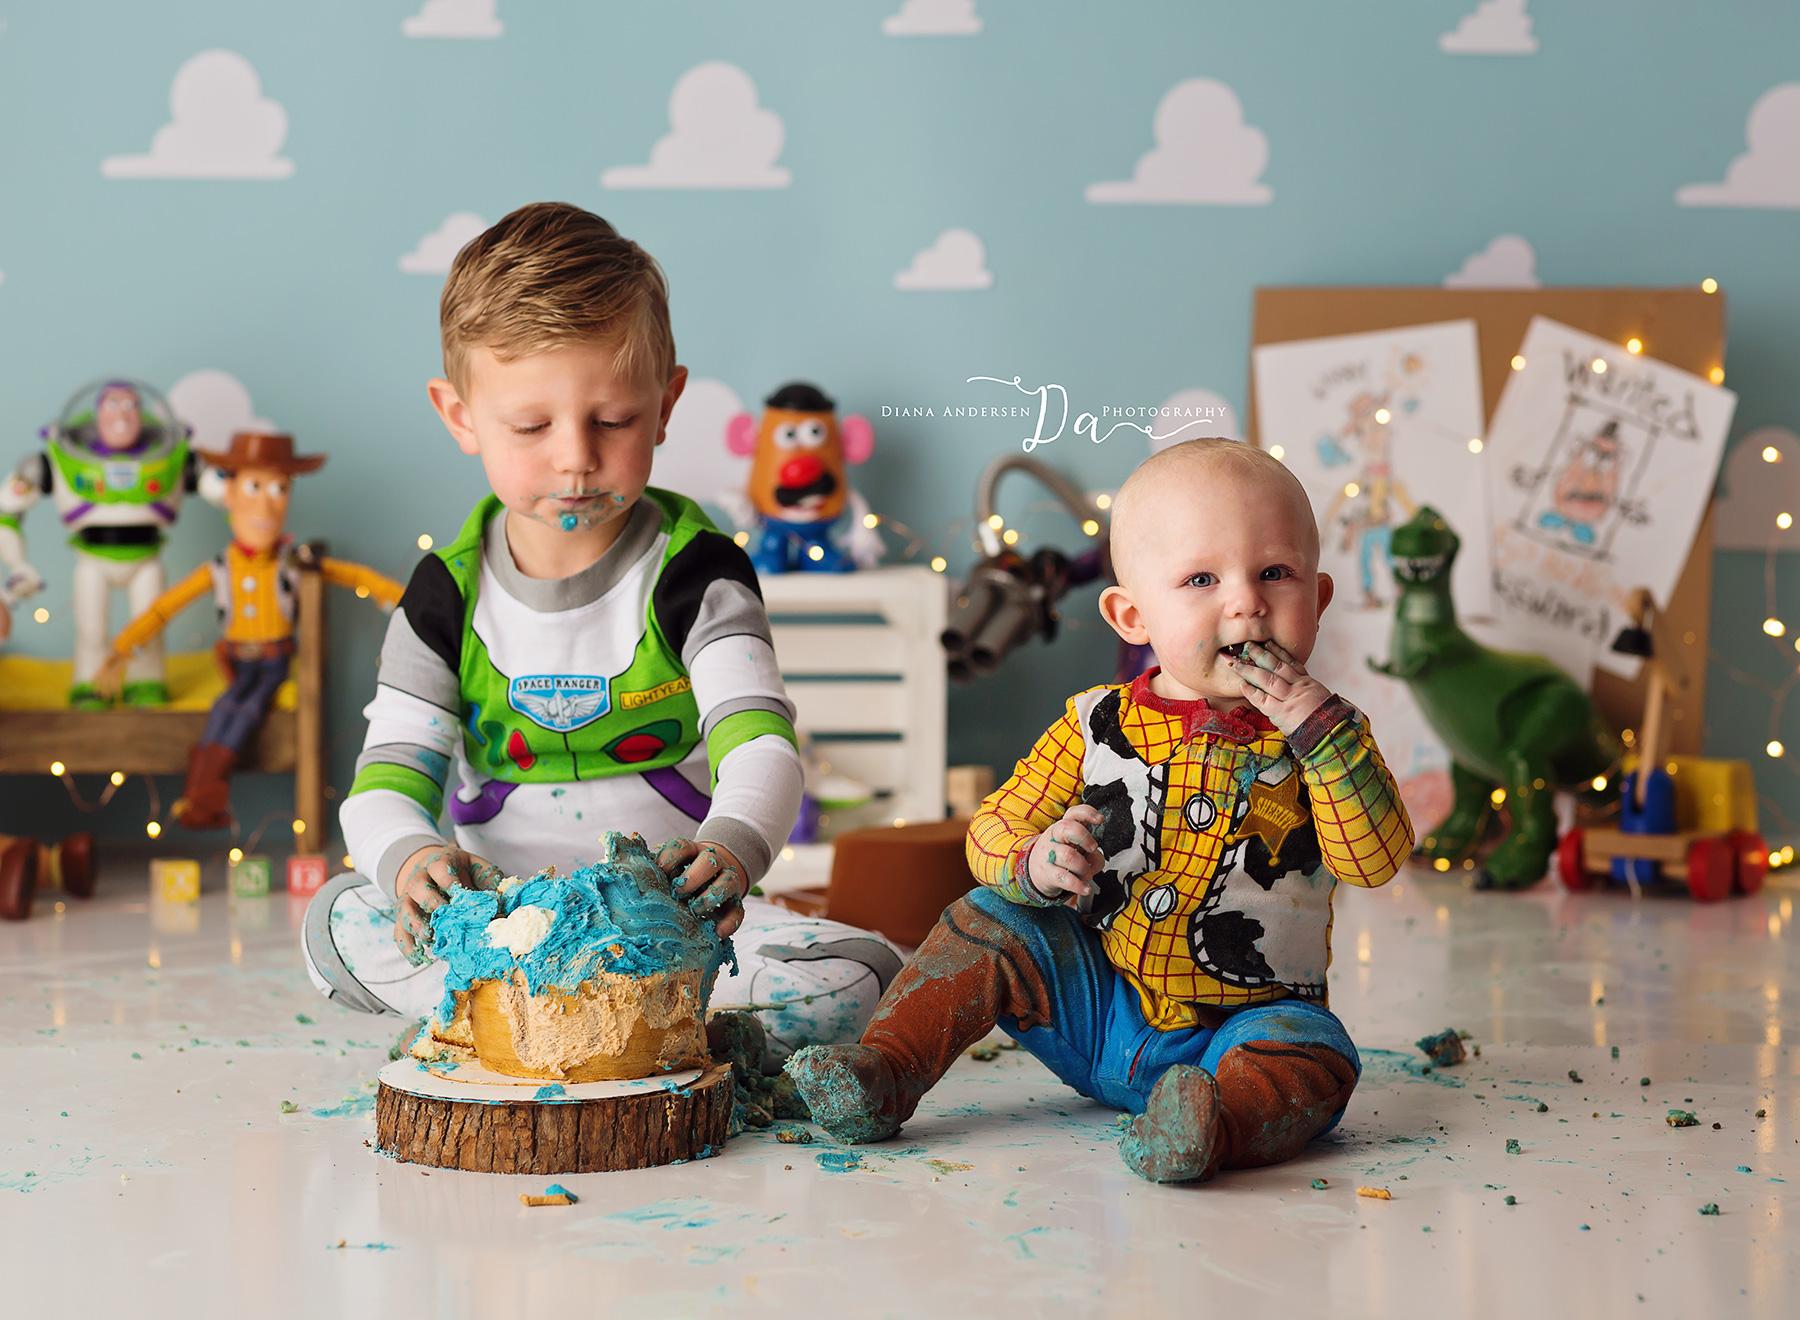 Rhett-cake-smash5-fb.jpg